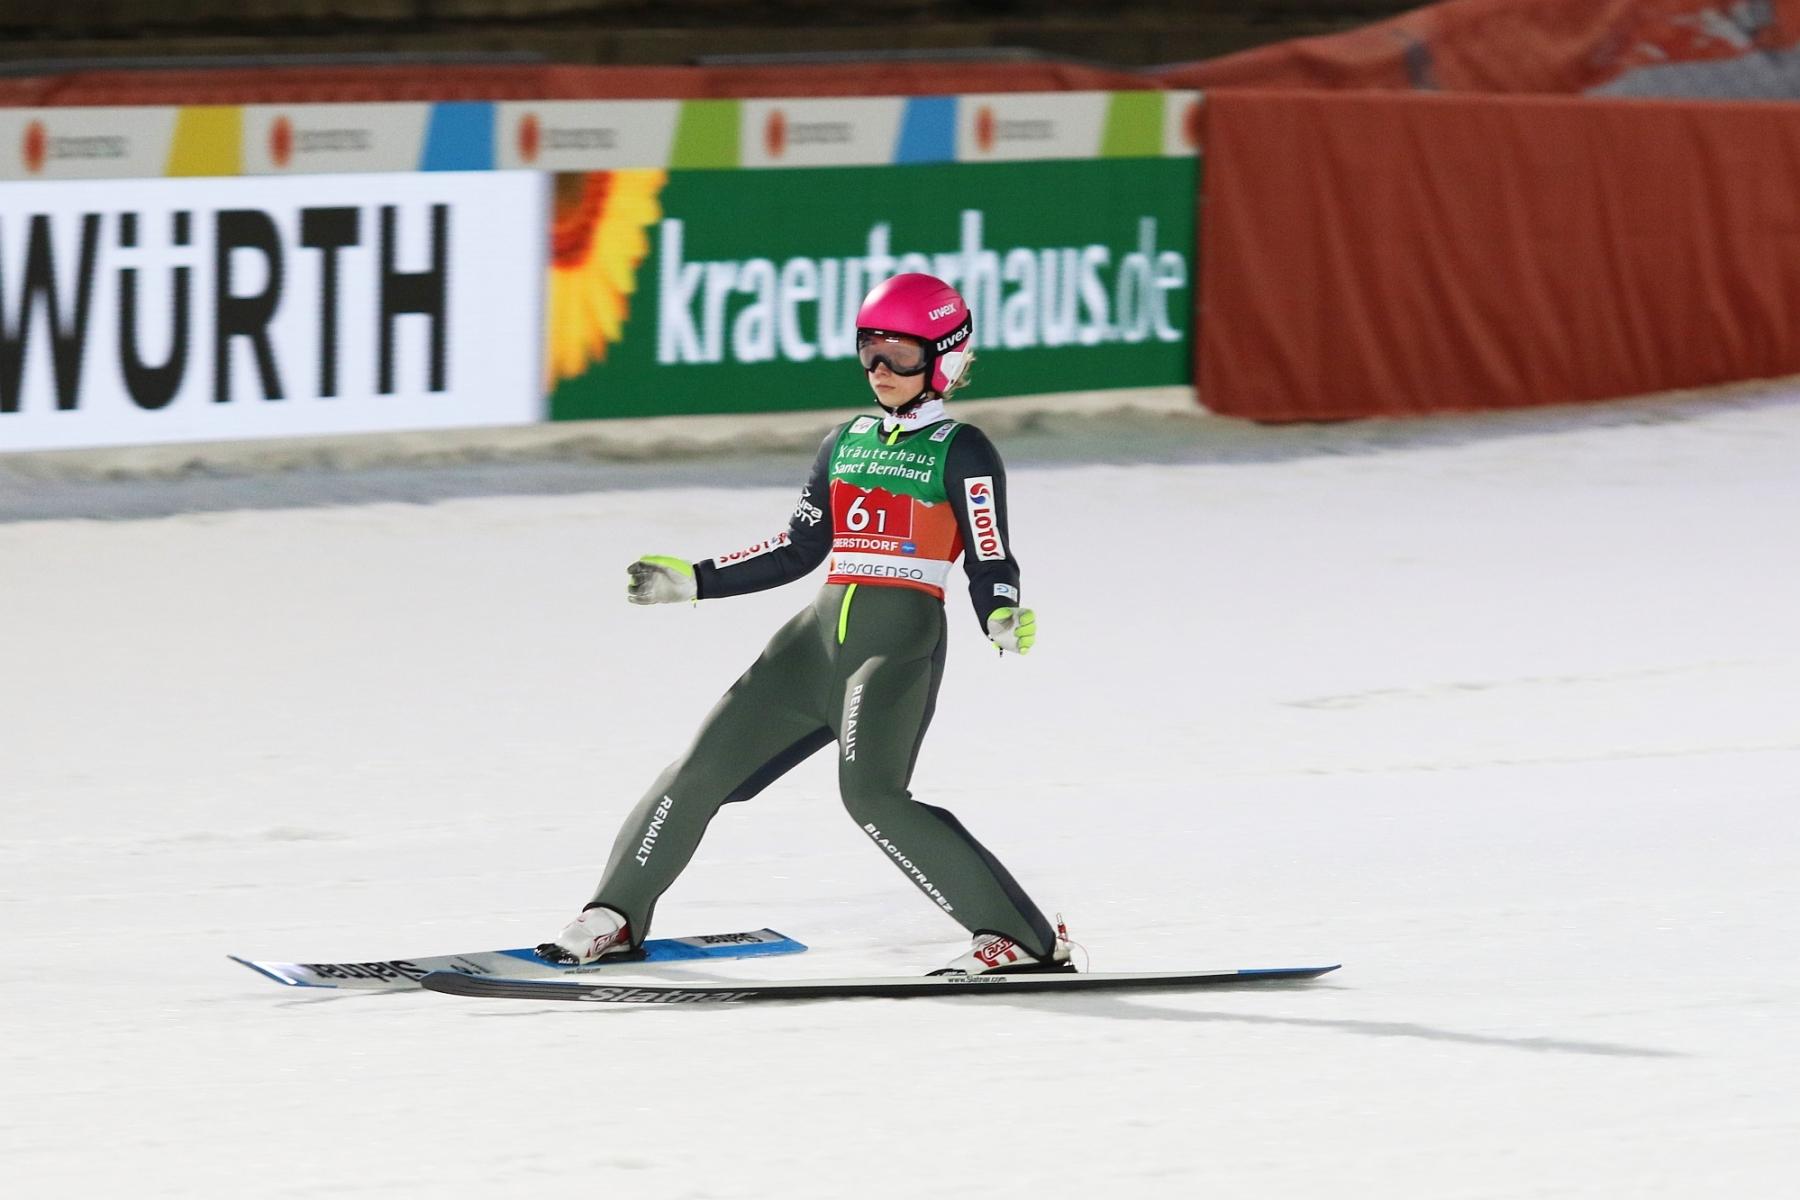 Mistrzostwa Swiata Oberstdorf2021 panieteam fotJuliaPiatkowska 29 - MŚ Oberstdorf: Kramer odlatuje rywalkom w kwalifikacjach, komplet Polek w konkursie!